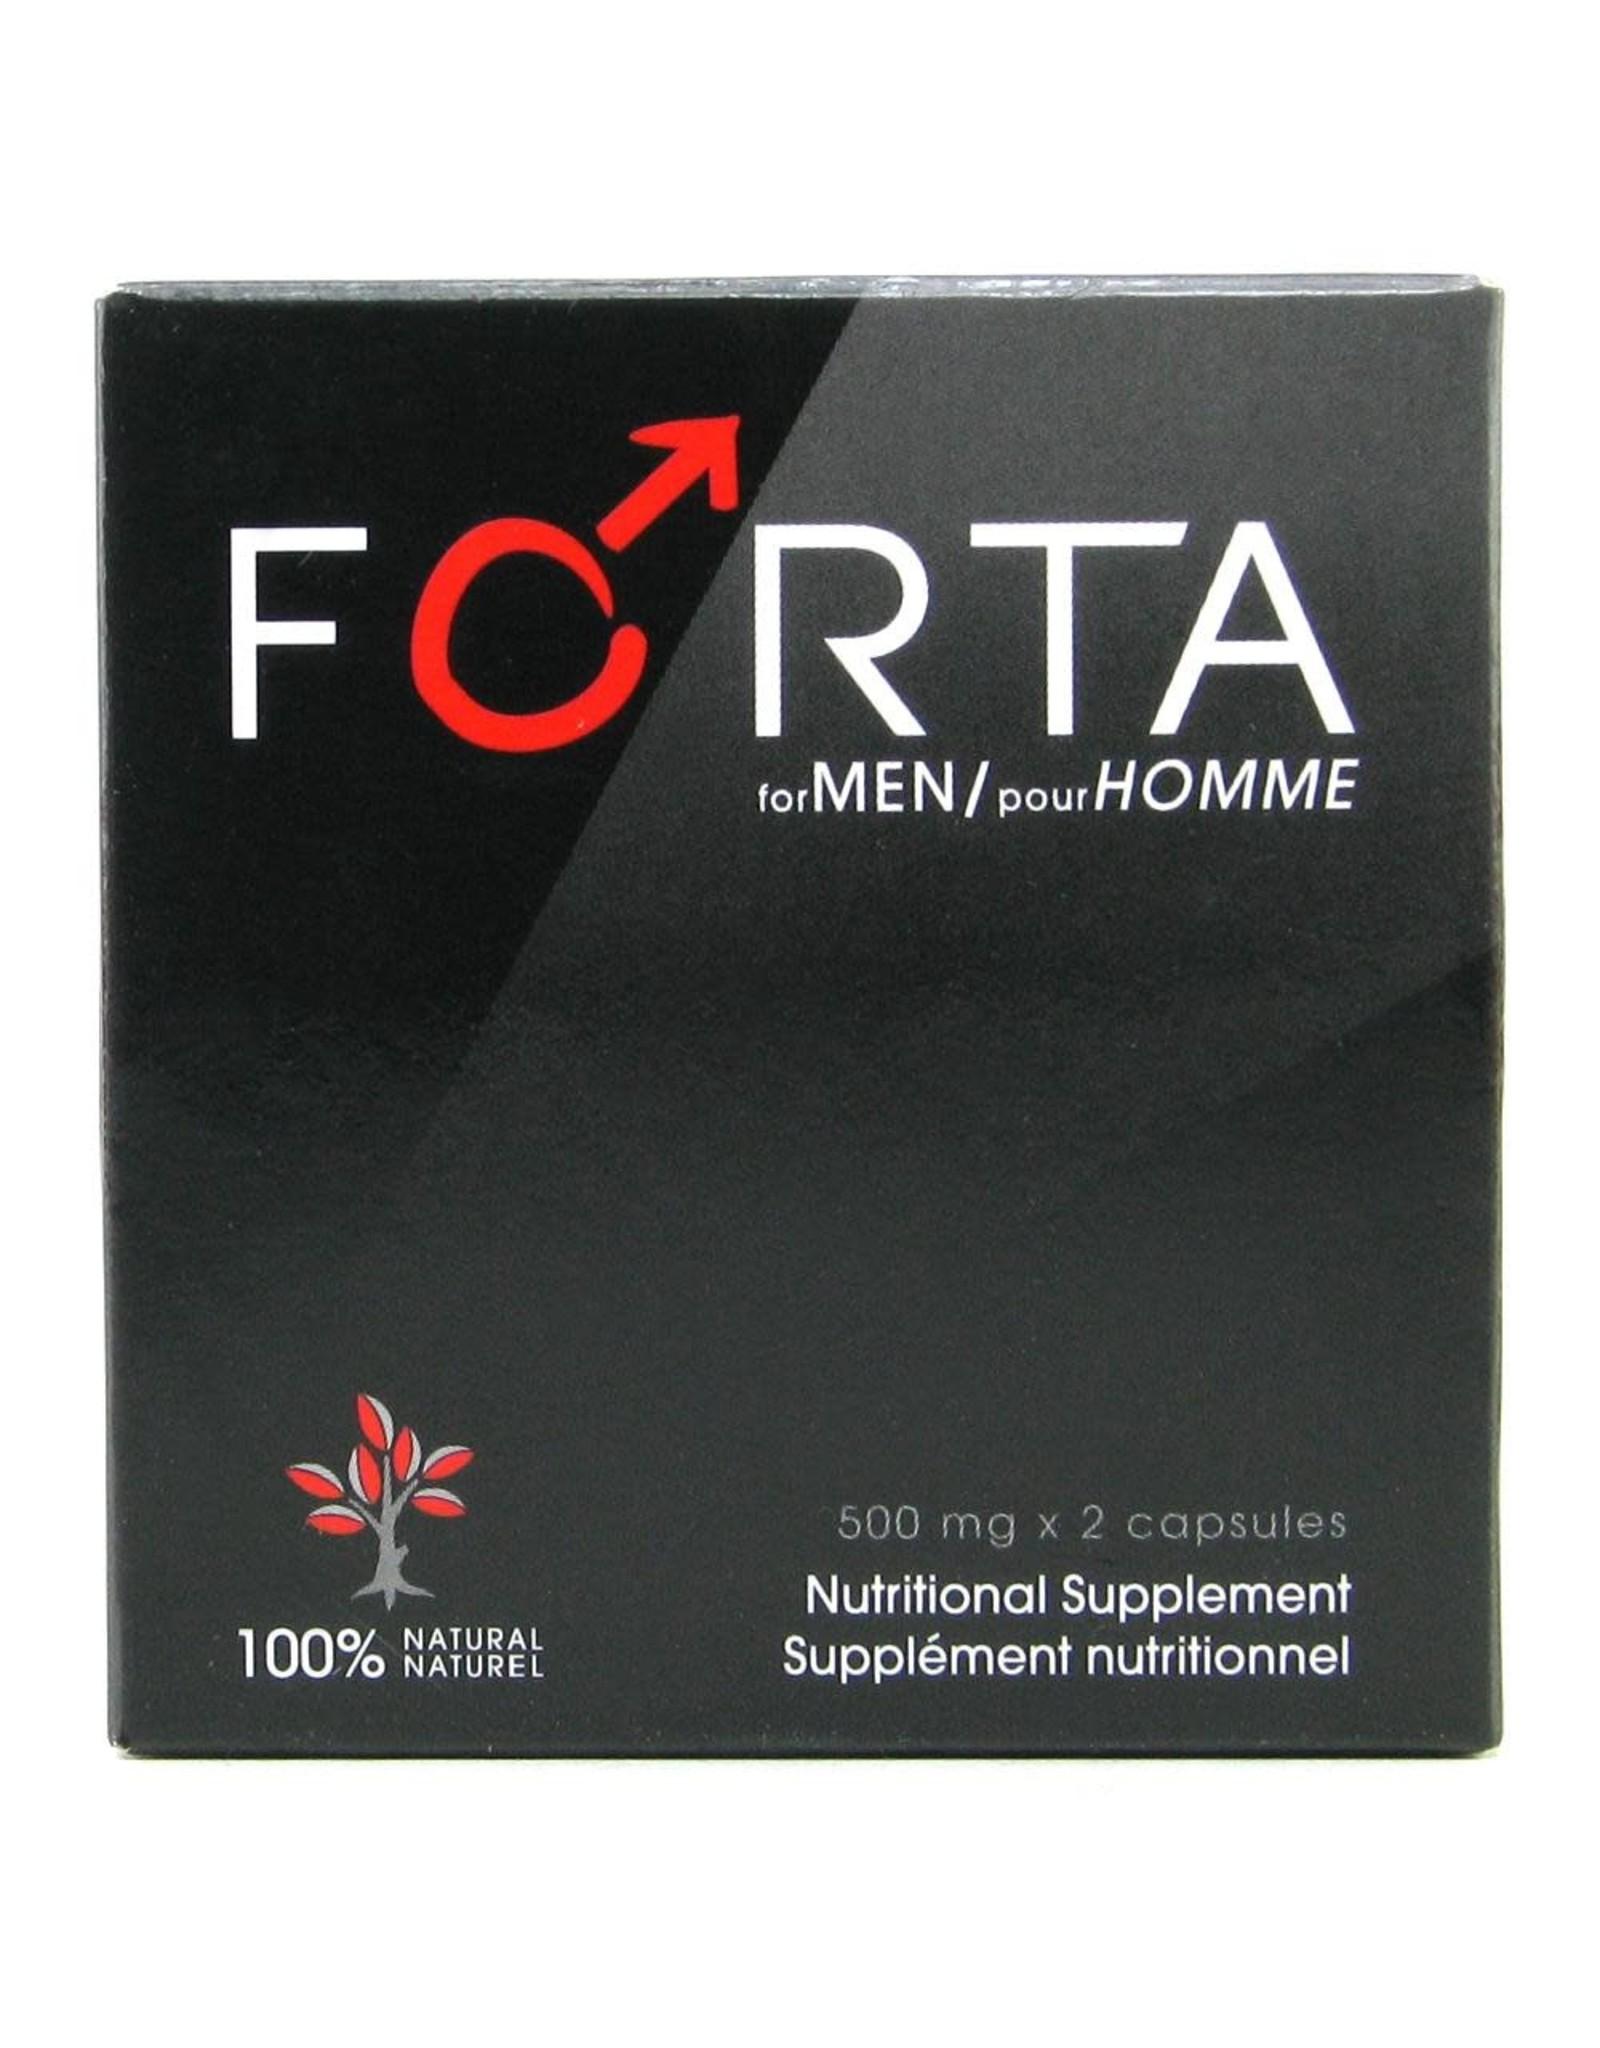 FORTA FOR MEN - 2 PACK